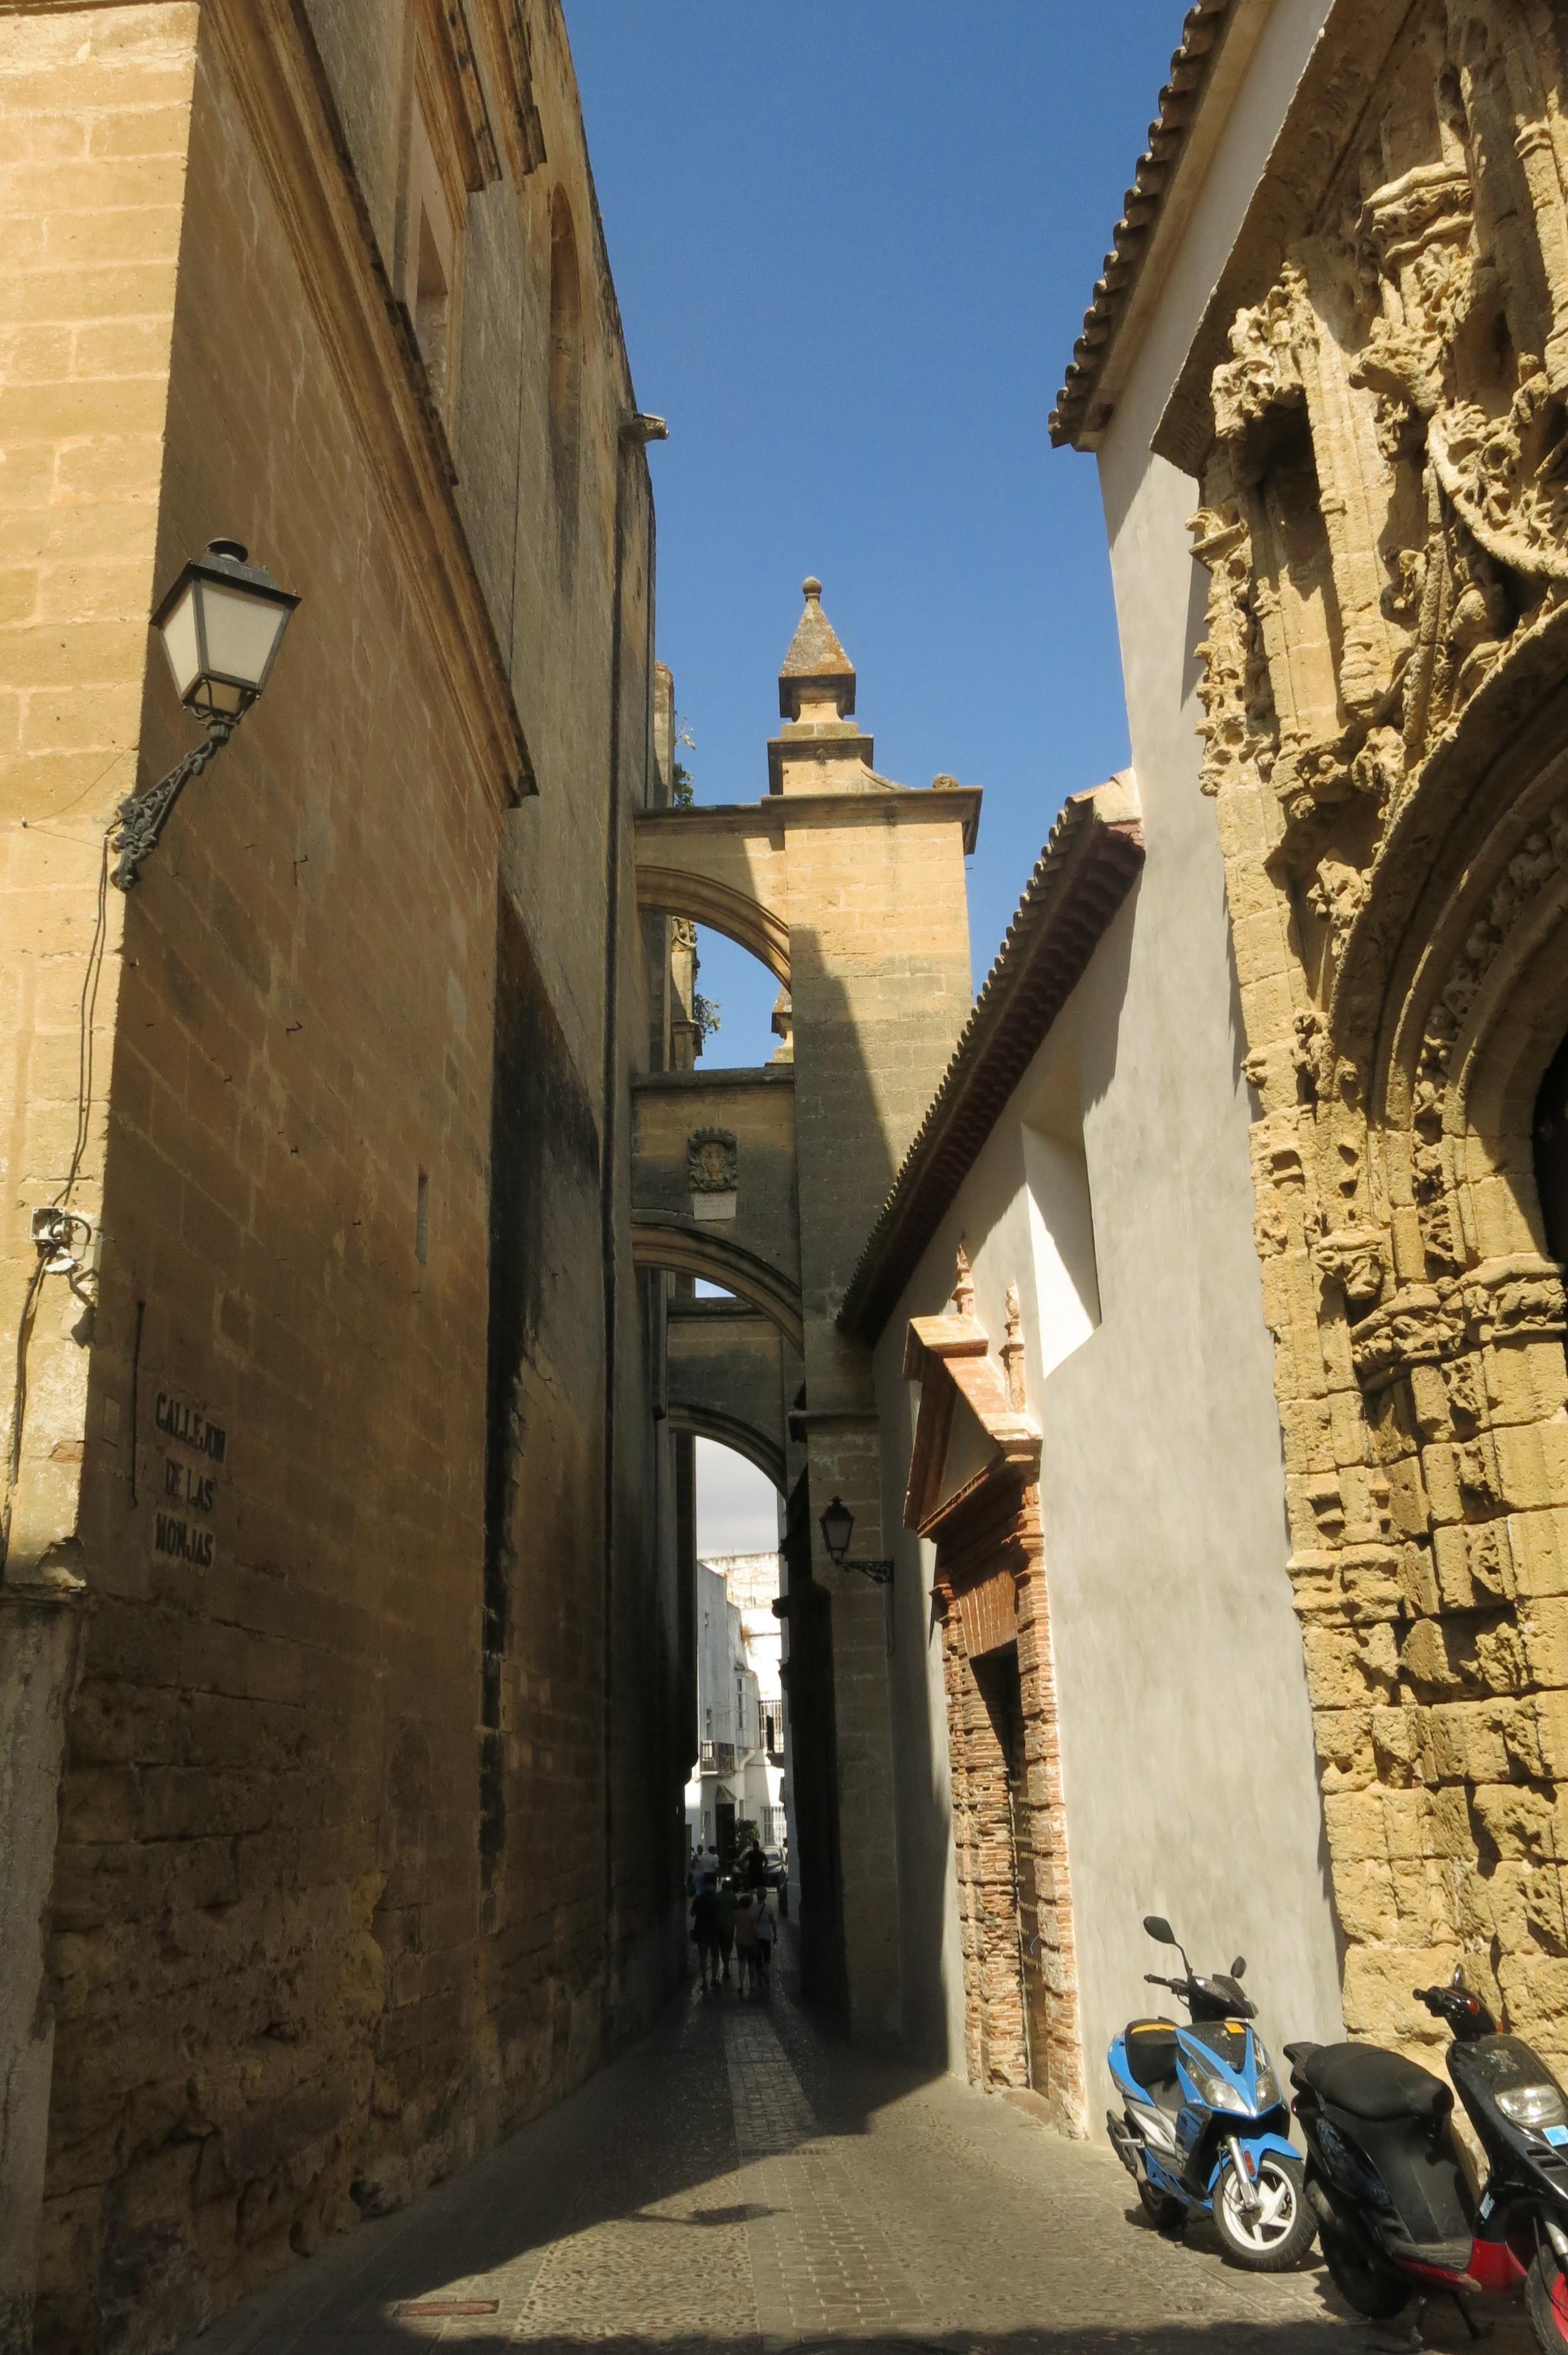 A photo of a narrow street in Arcos de la Frontera